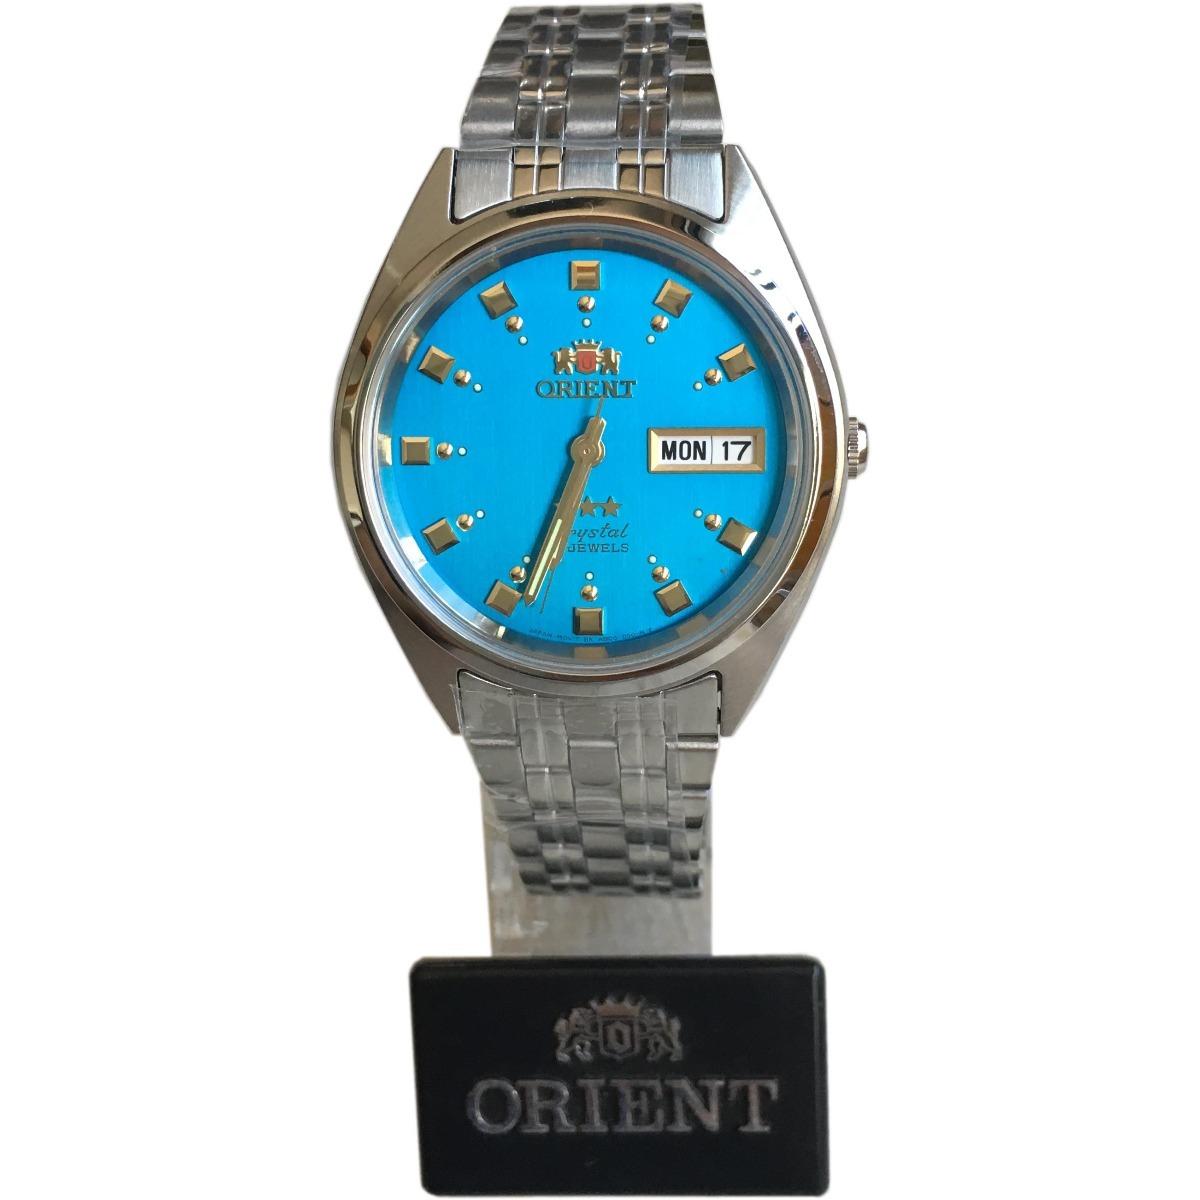 7bfeb4d202a relógio orient automatico classico aço masculino azul. Carregando zoom.